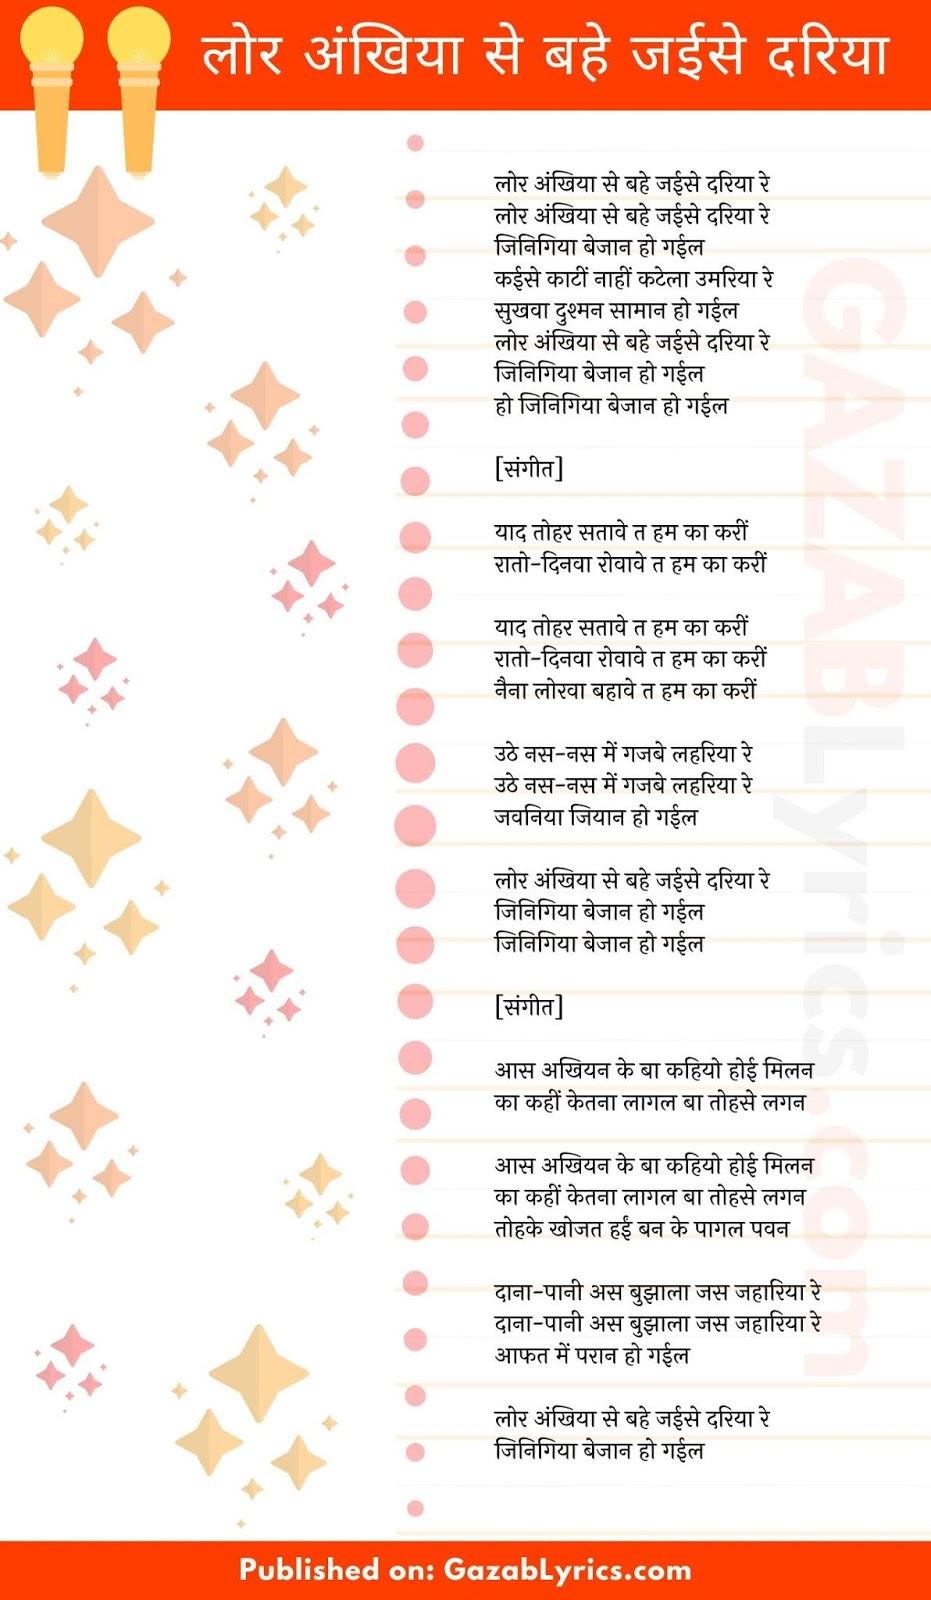 Lor Akhiya Se Bahe Jaise Dariya song lyrics image